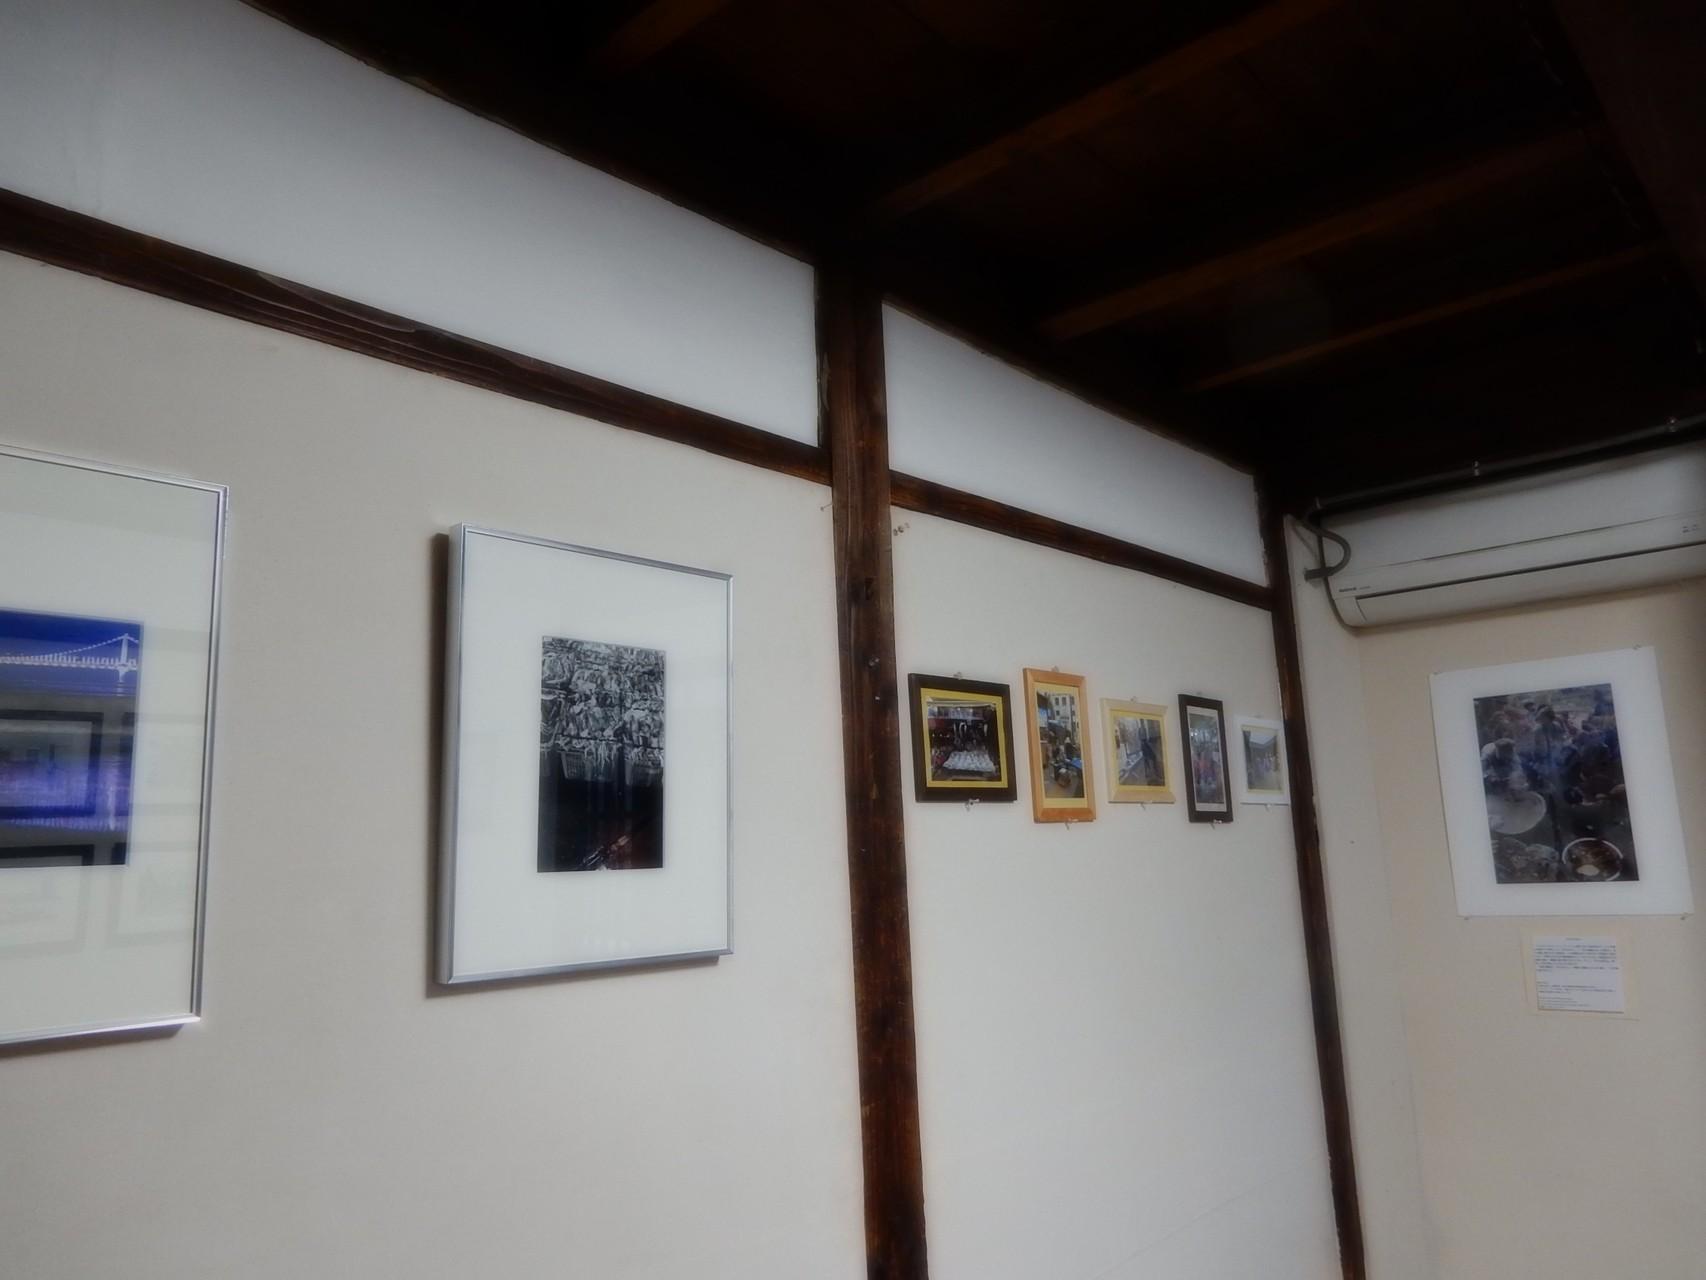 私は韓日交流展に出品した作品と、釜山、ソウルで撮影した5点の写真を展示。